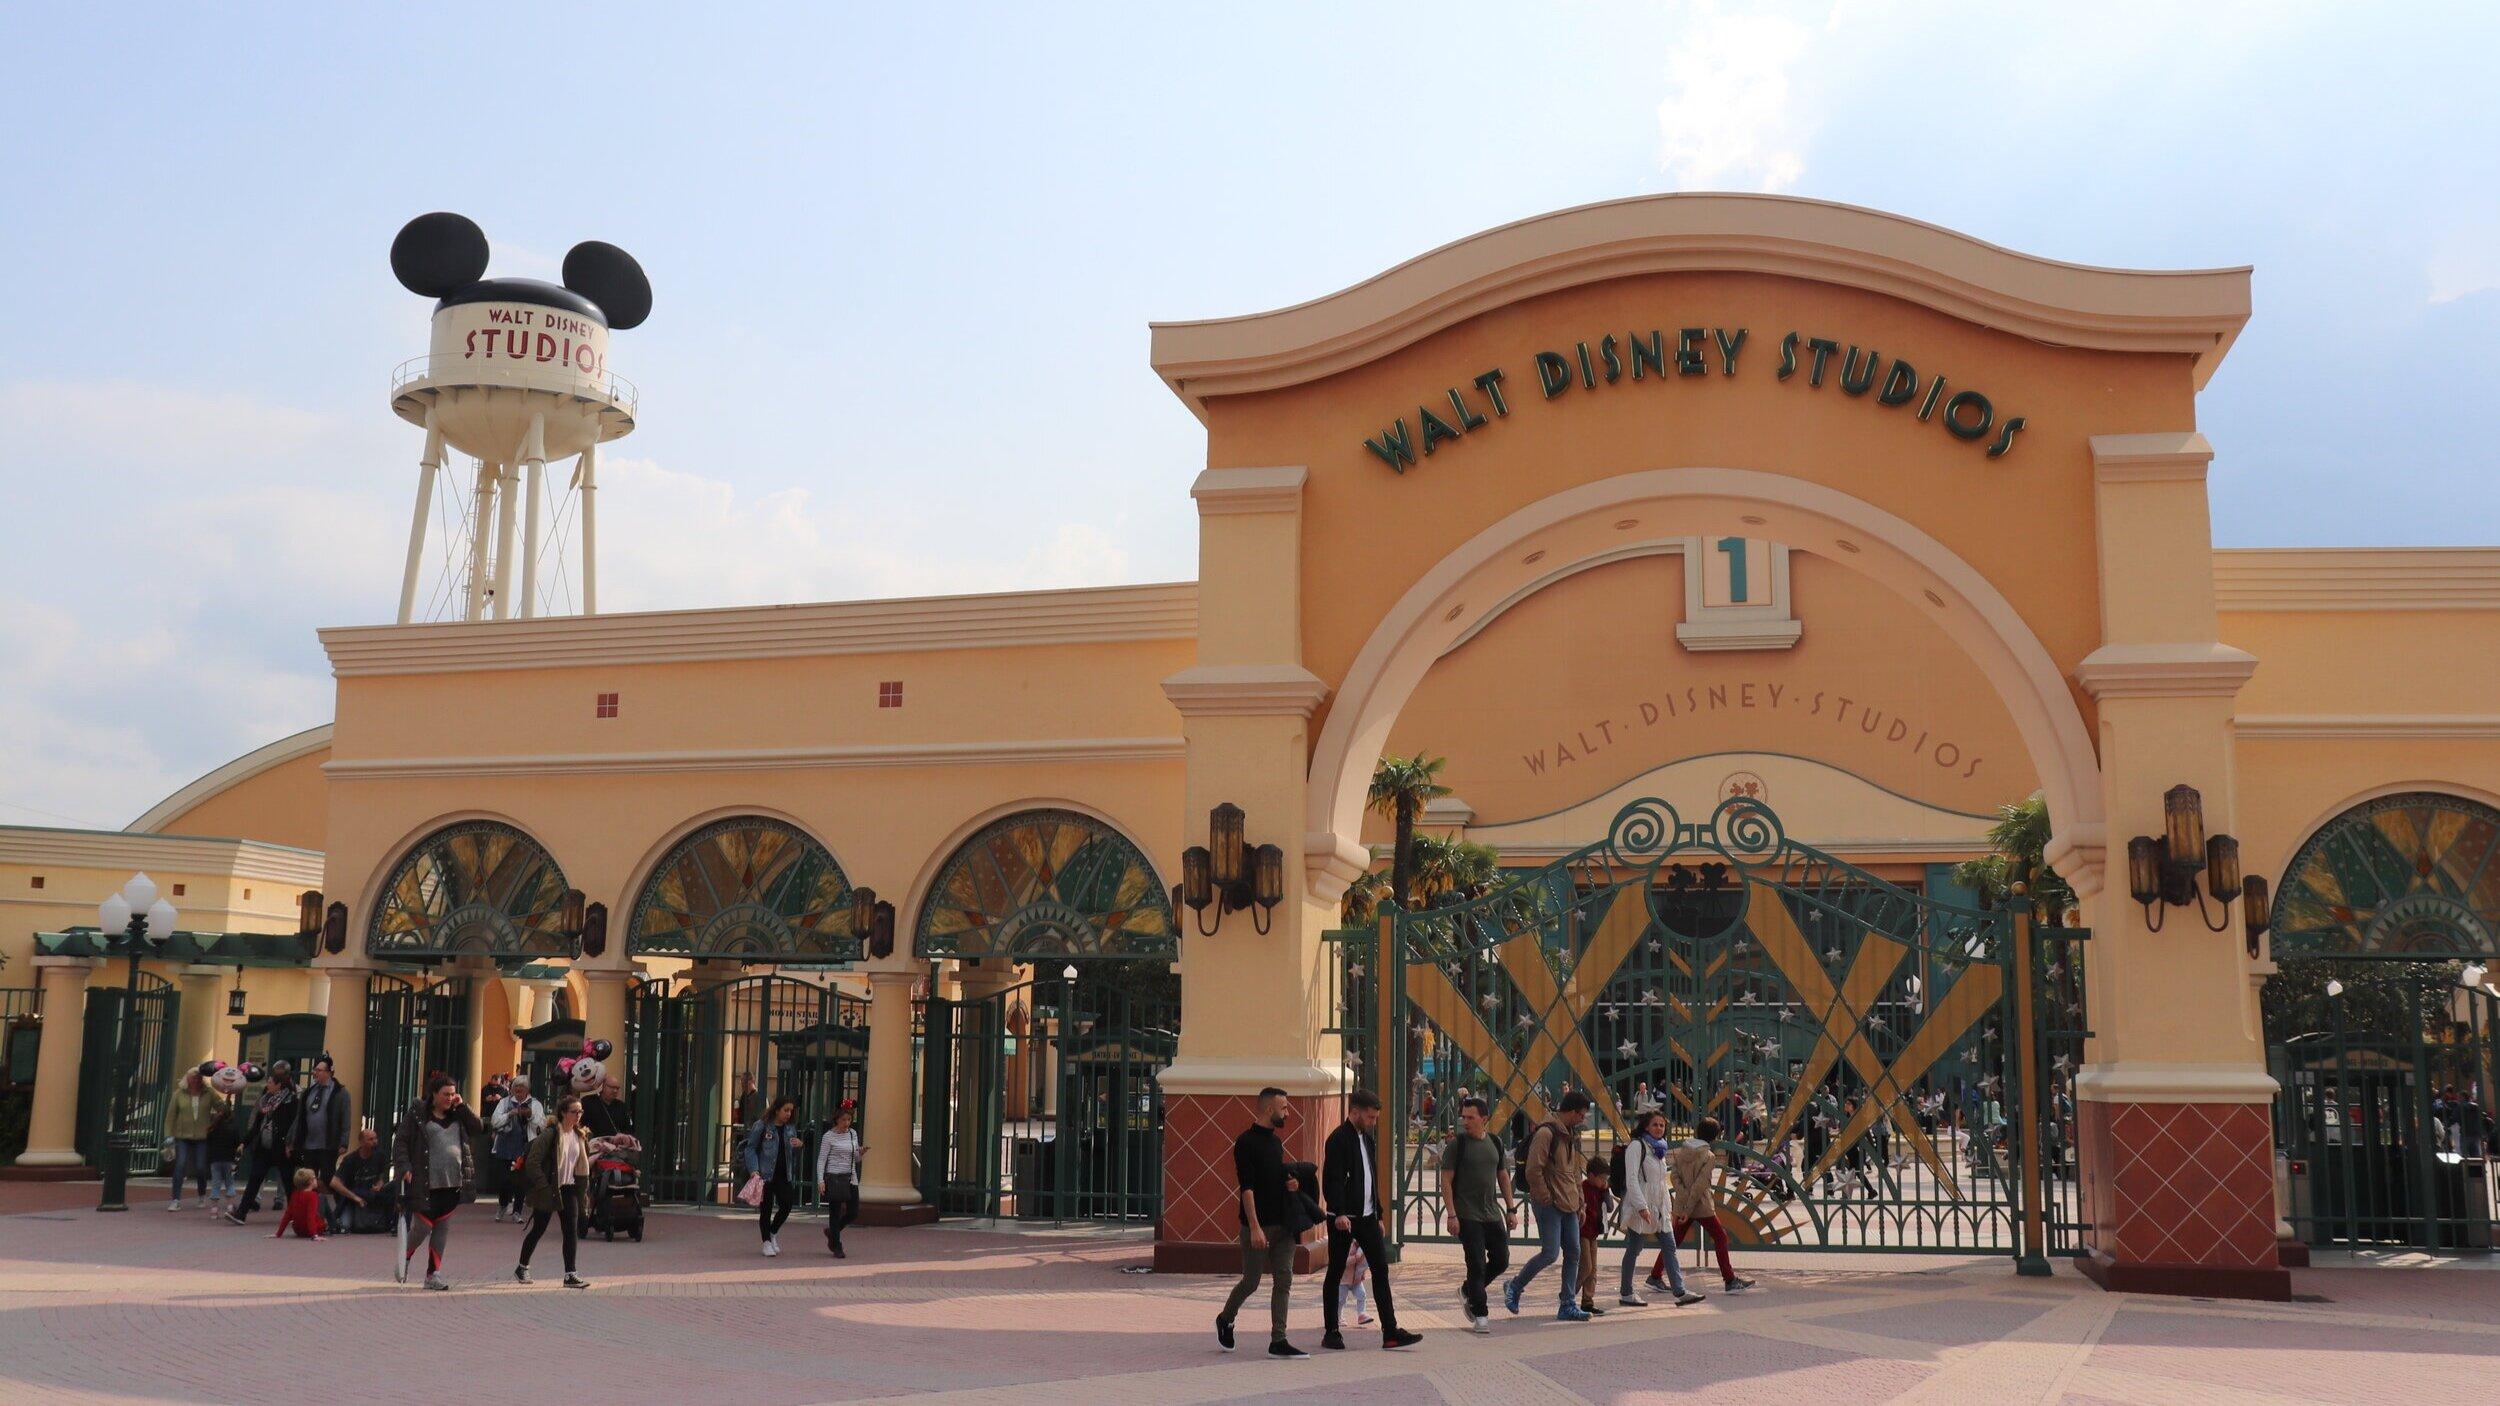 The outside entrance of Walt Disney Studios.